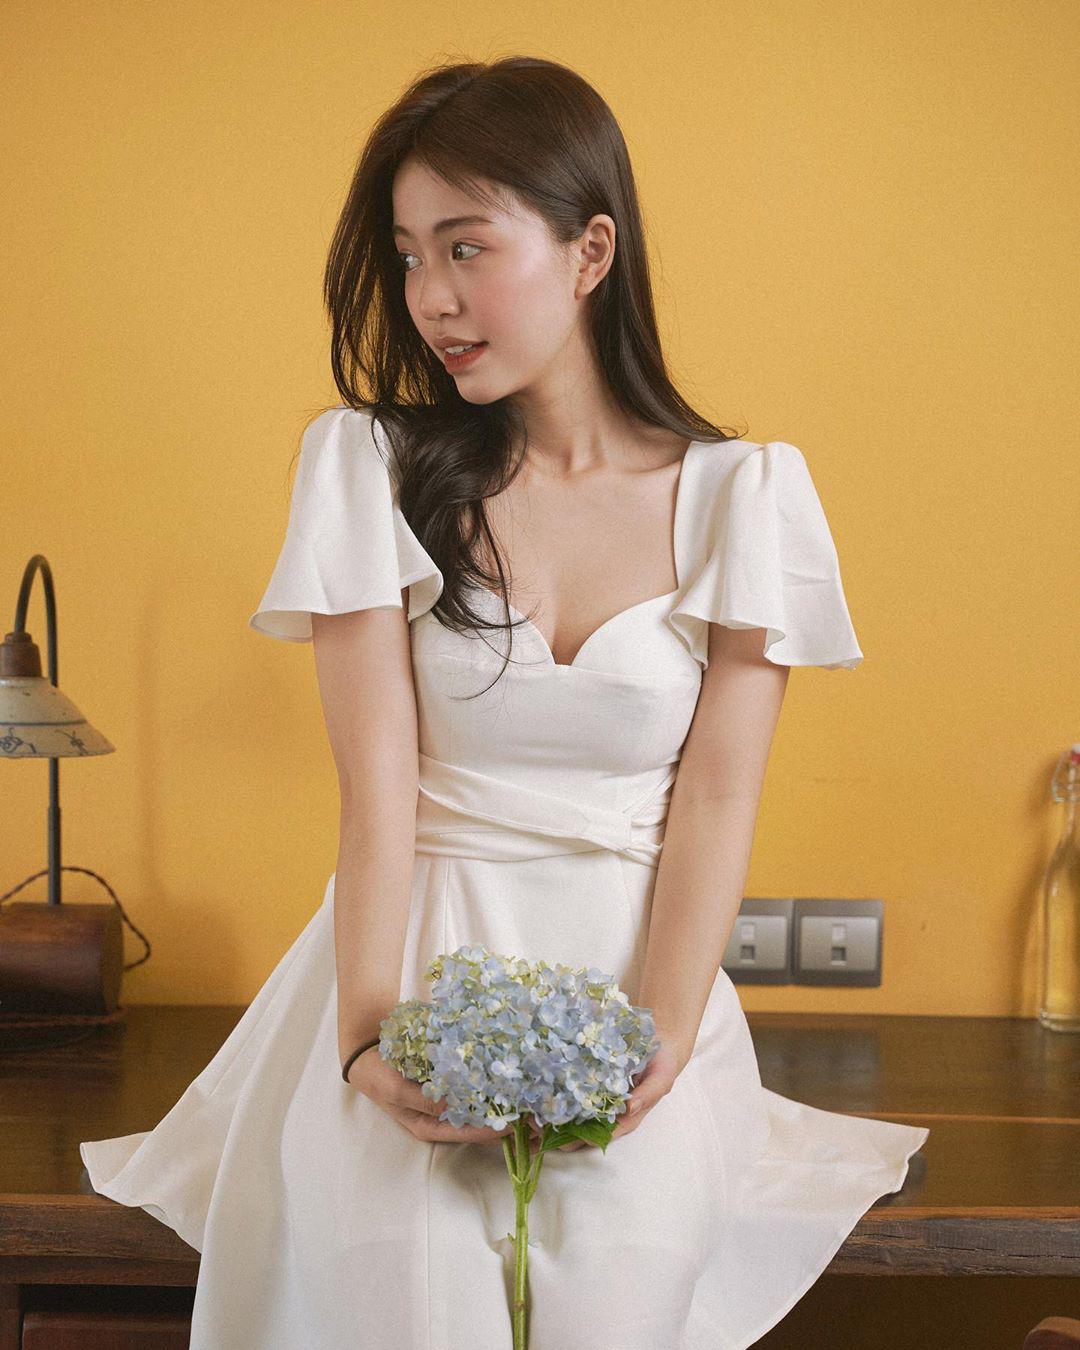 9 mẫu váy liền giúp các nàng có style xịn sò hẳn lên, diện đi chơi sống ảo không chê được điểm nào  - Ảnh 9.